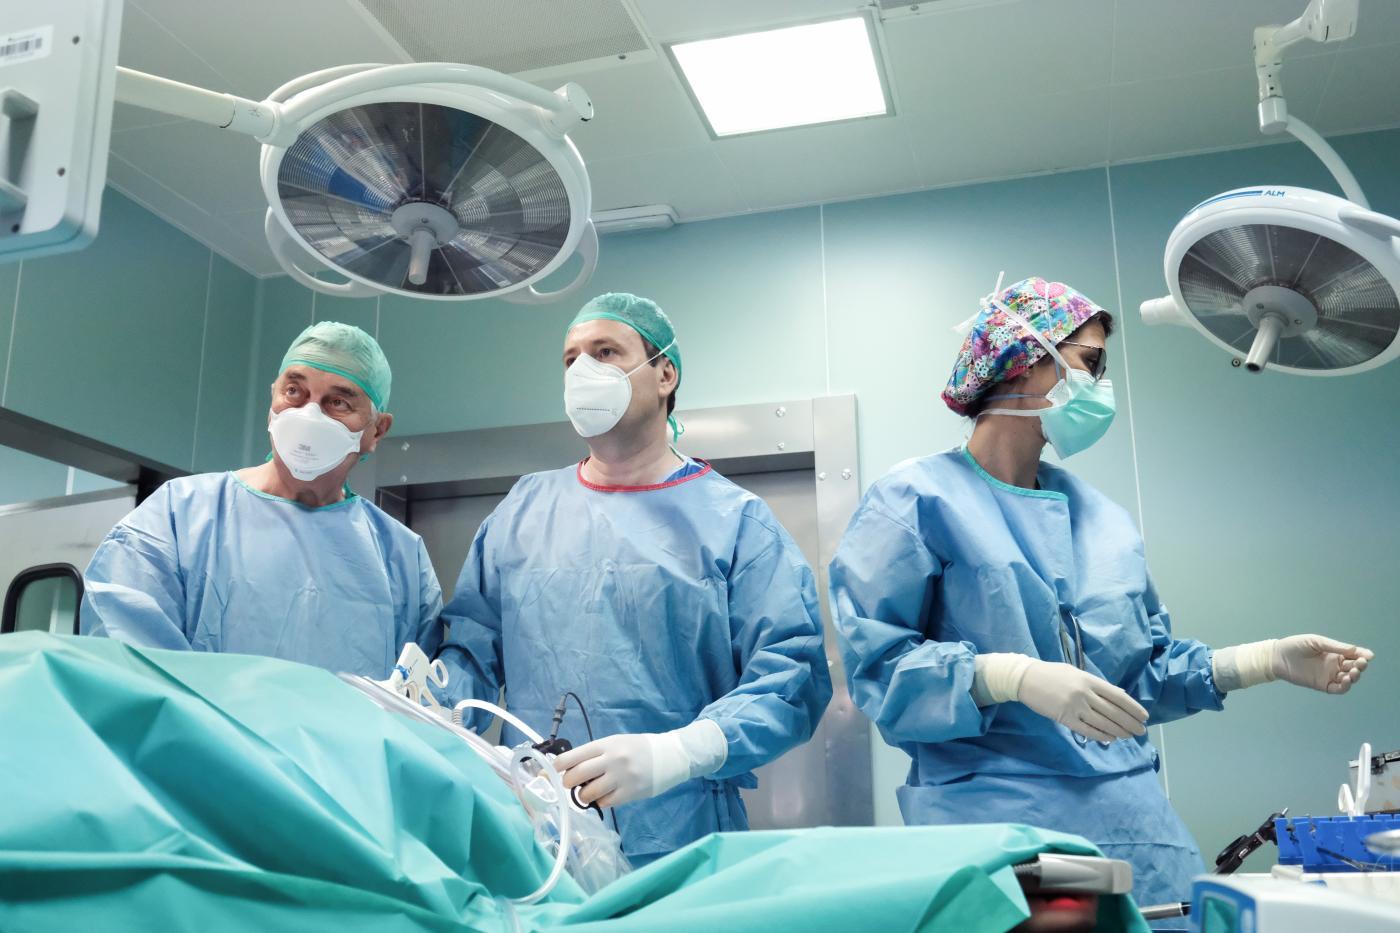 Equipo de Cirugía de la Obesidad en quirófano.